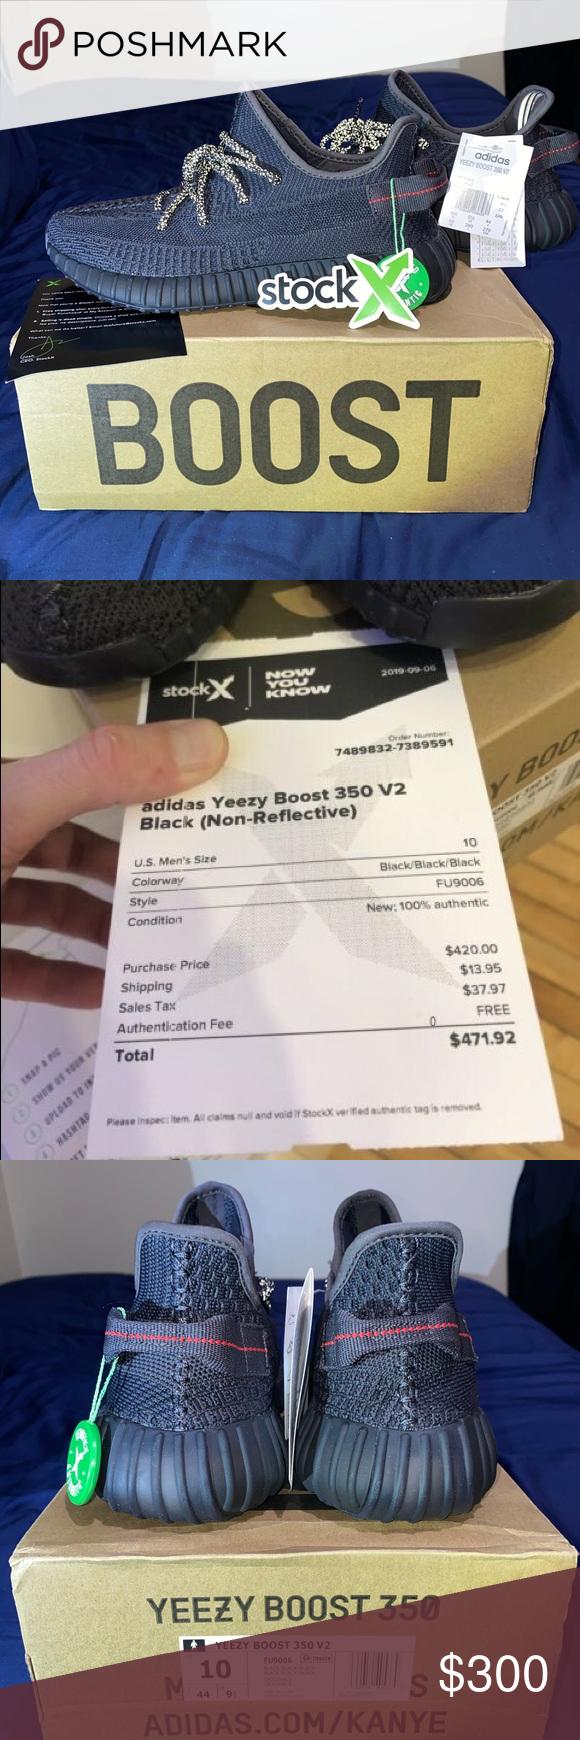 yeezy 350 v2 black reflective stockx